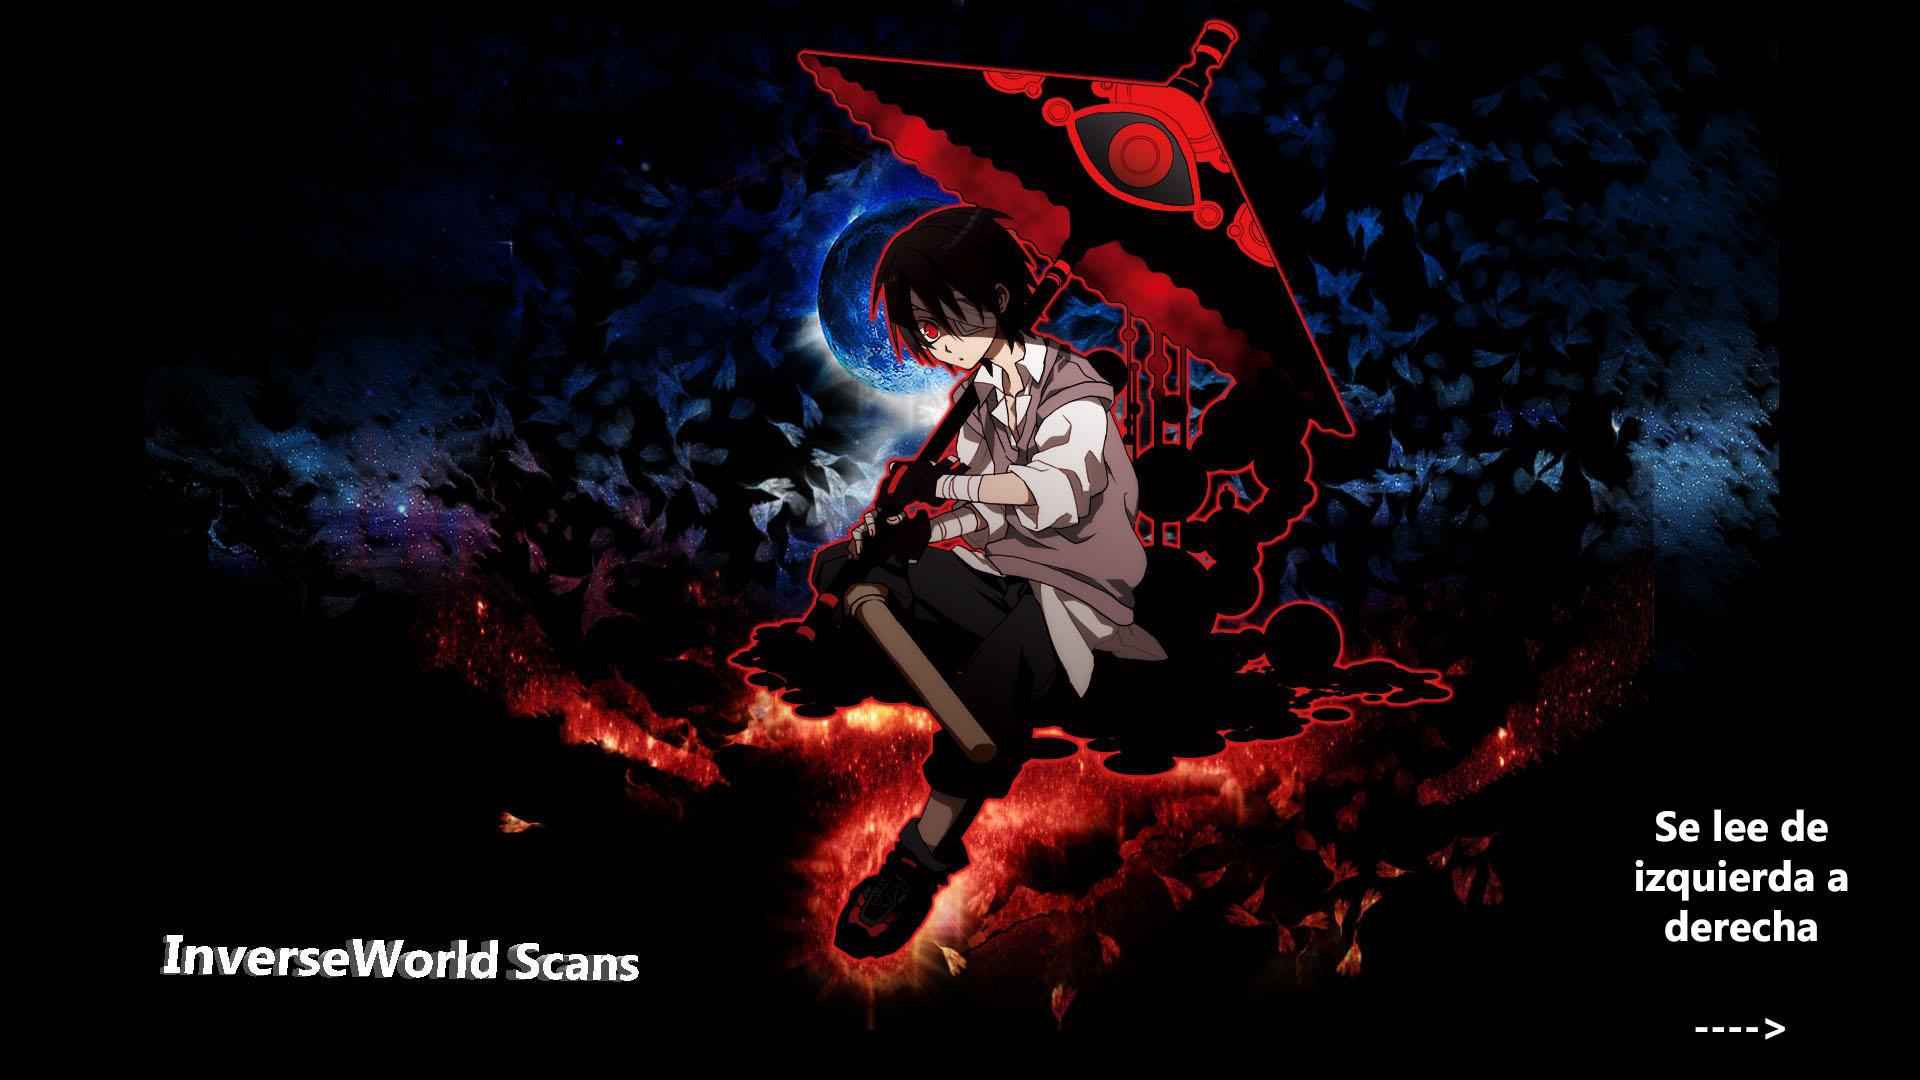 https://c5.ninemanga.com/es_manga/51/15795/377878/b46e530e5de5eb0bf0c76833fe7677c1.jpg Page 1